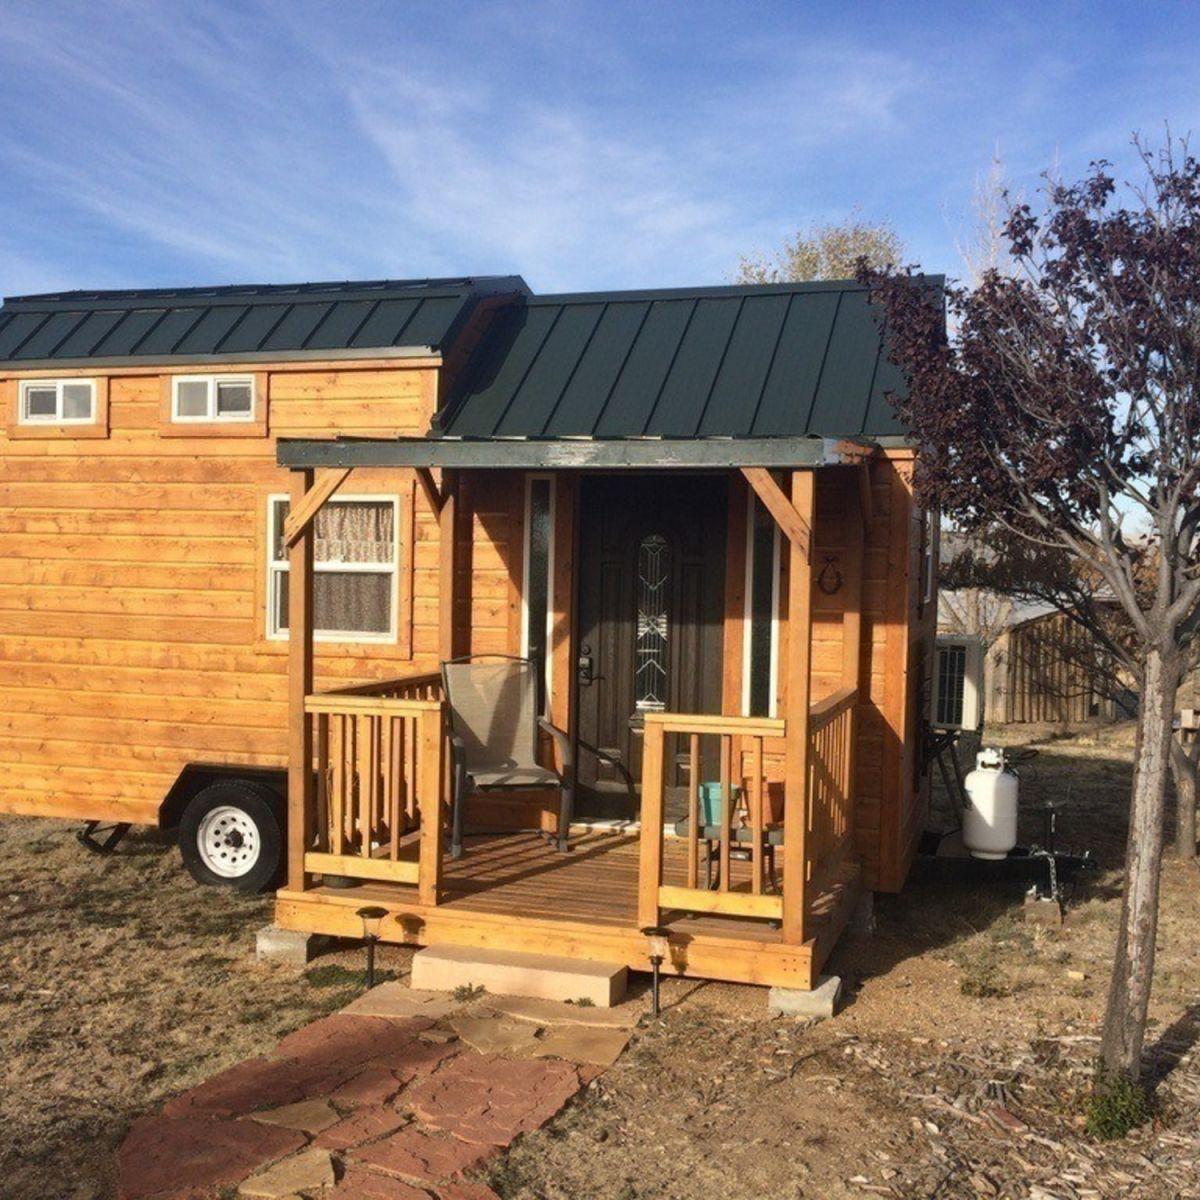 For Rent , Chino Valley, Arizona 86323, United States